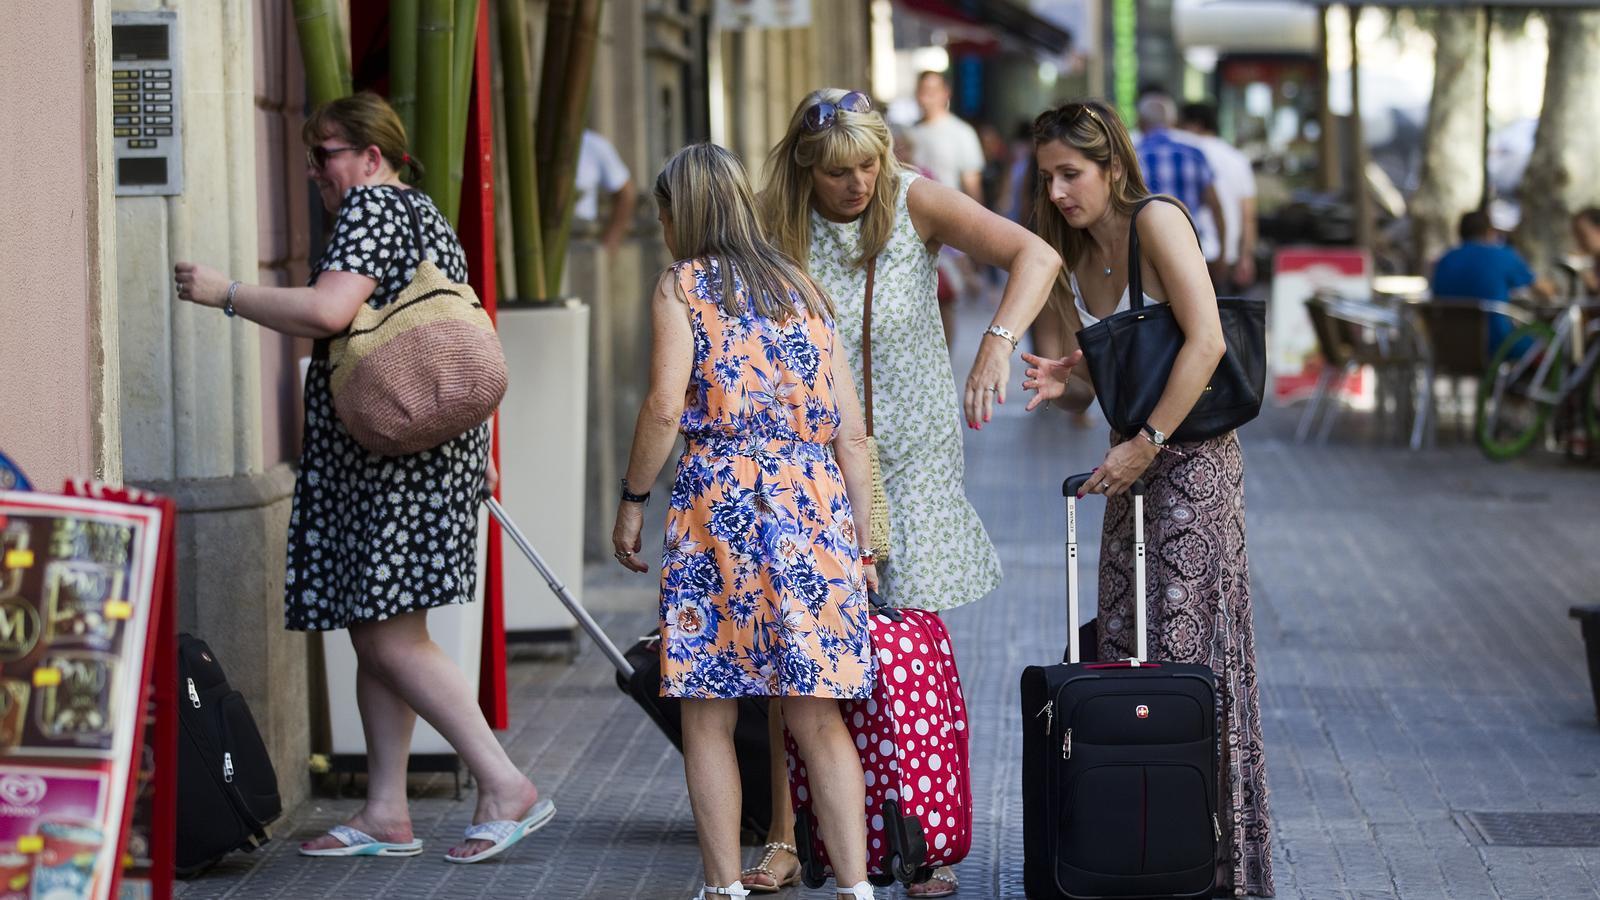 Un grup de turistes, a punt d'entrar a un apartament turístic / FRANCESC MELCION